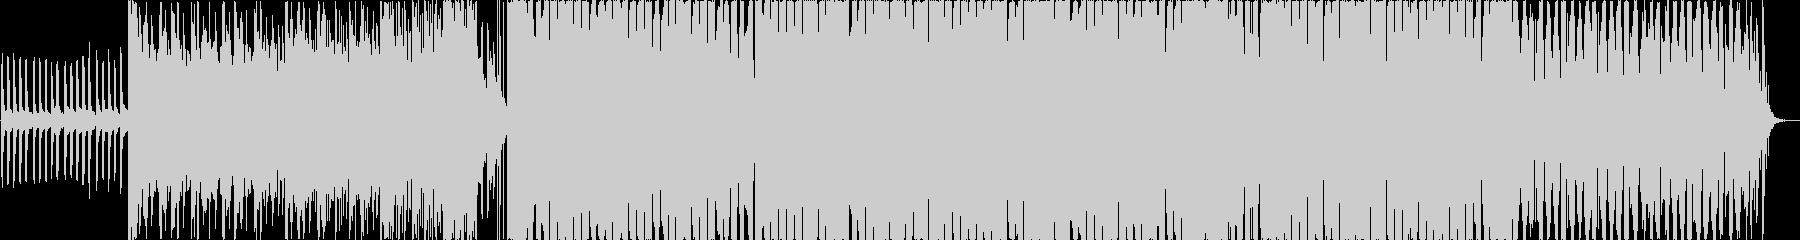 【夏のBGM】お洒落なトロピカルハウスの未再生の波形